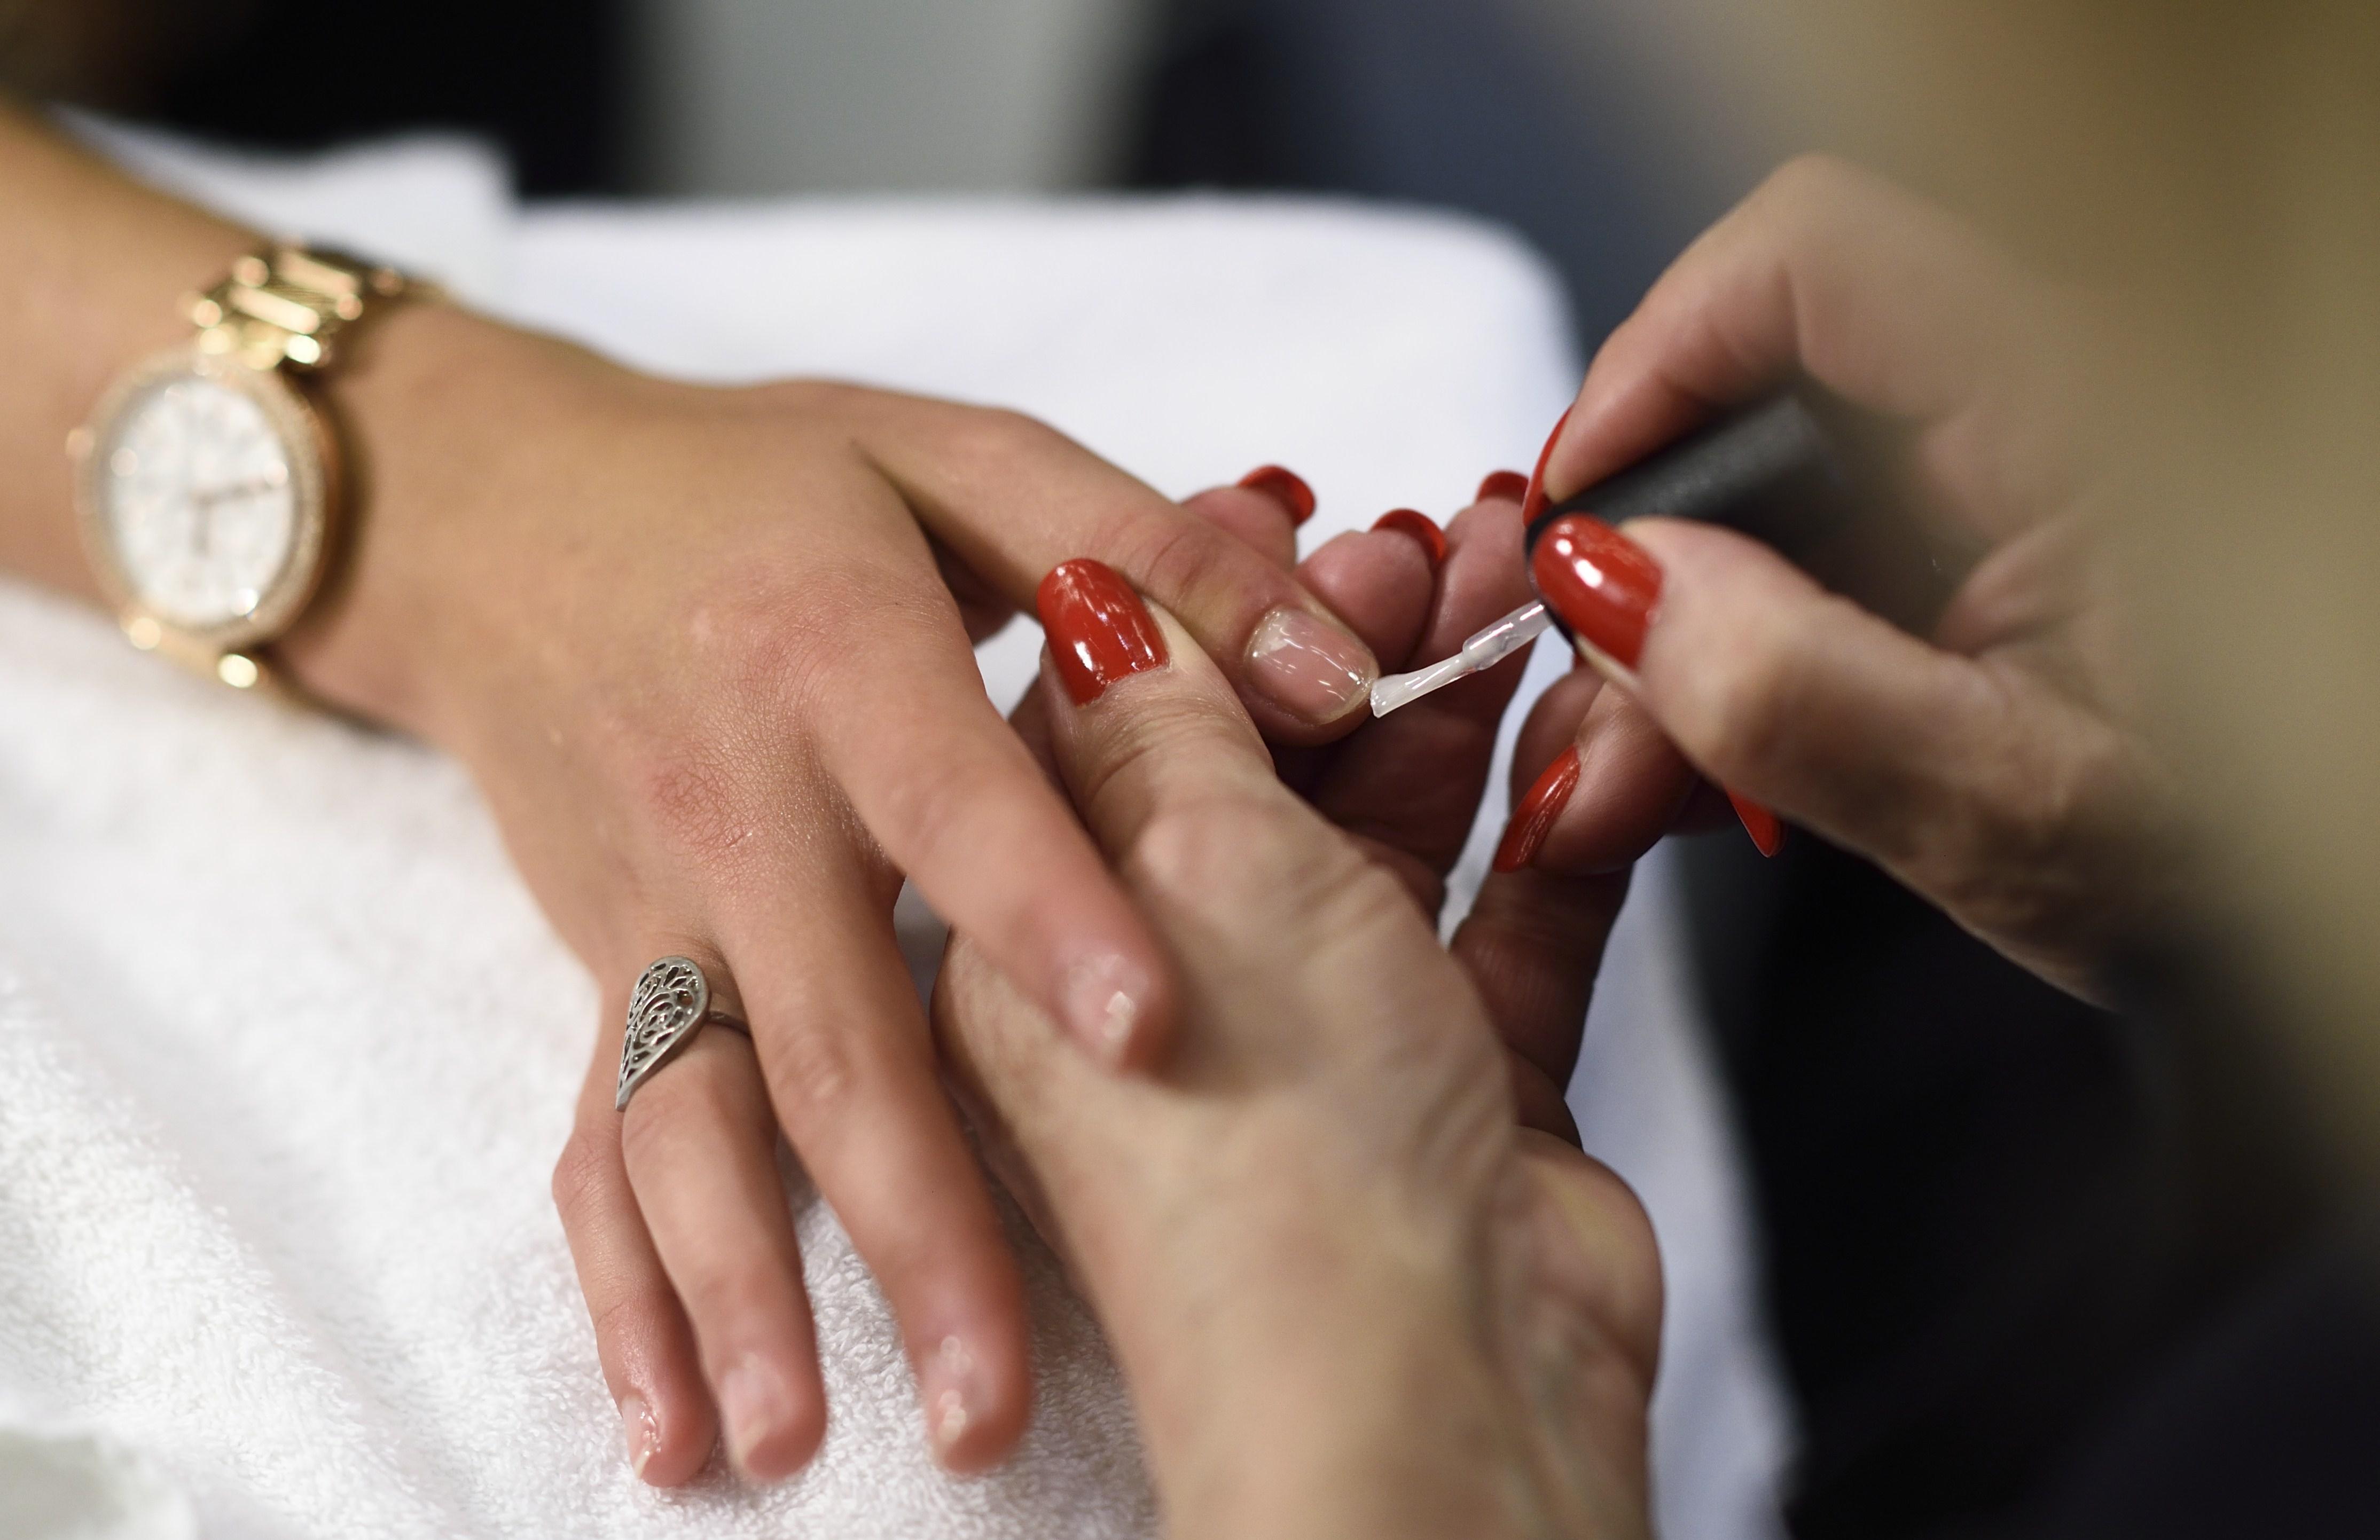 Manicure, i 12 errori assolutamente da evitare